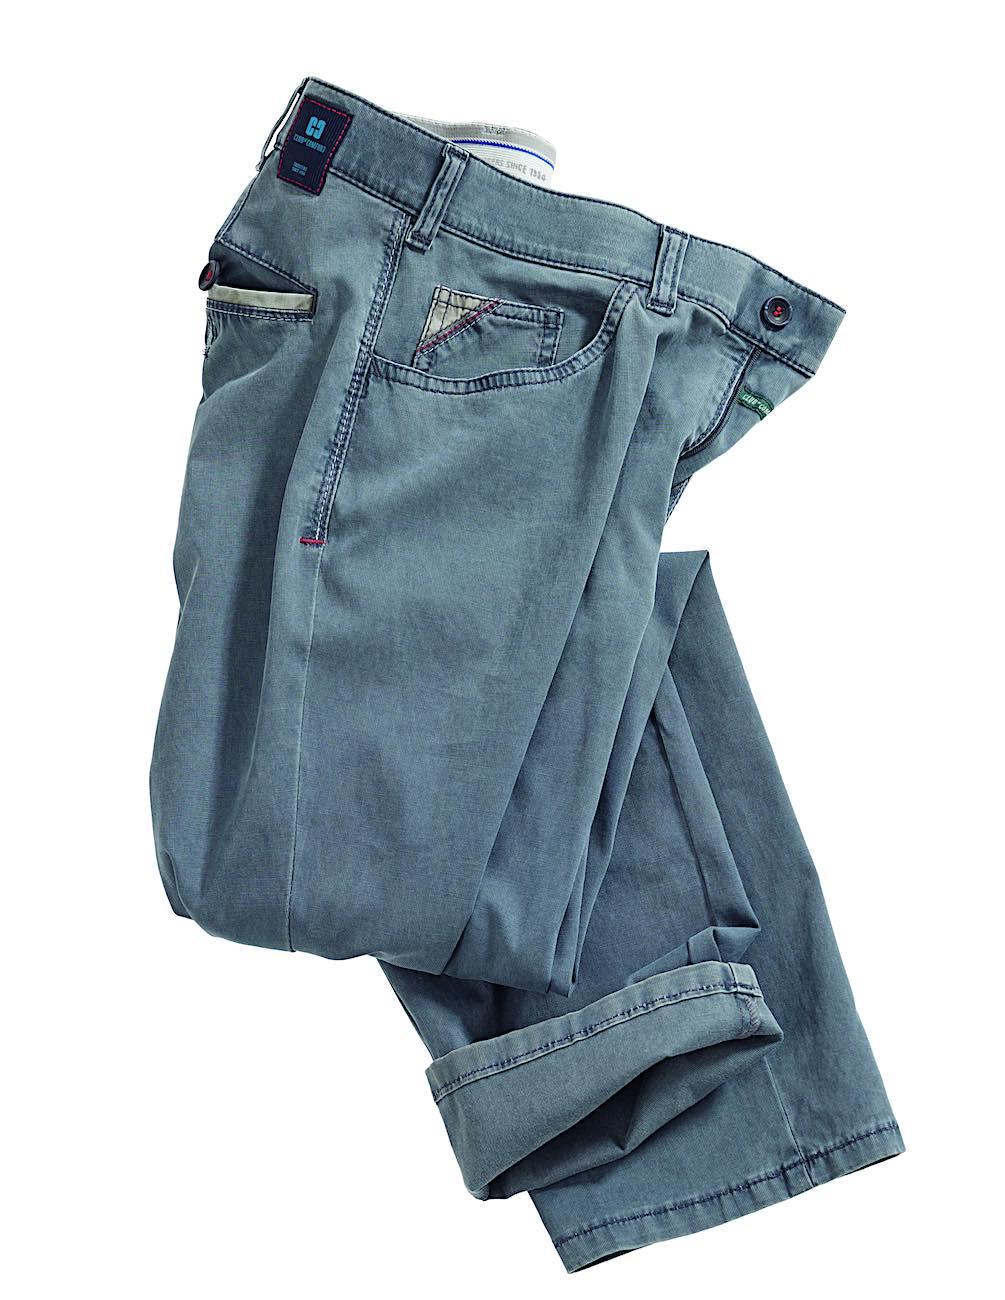 club of comfort broeken online kopen